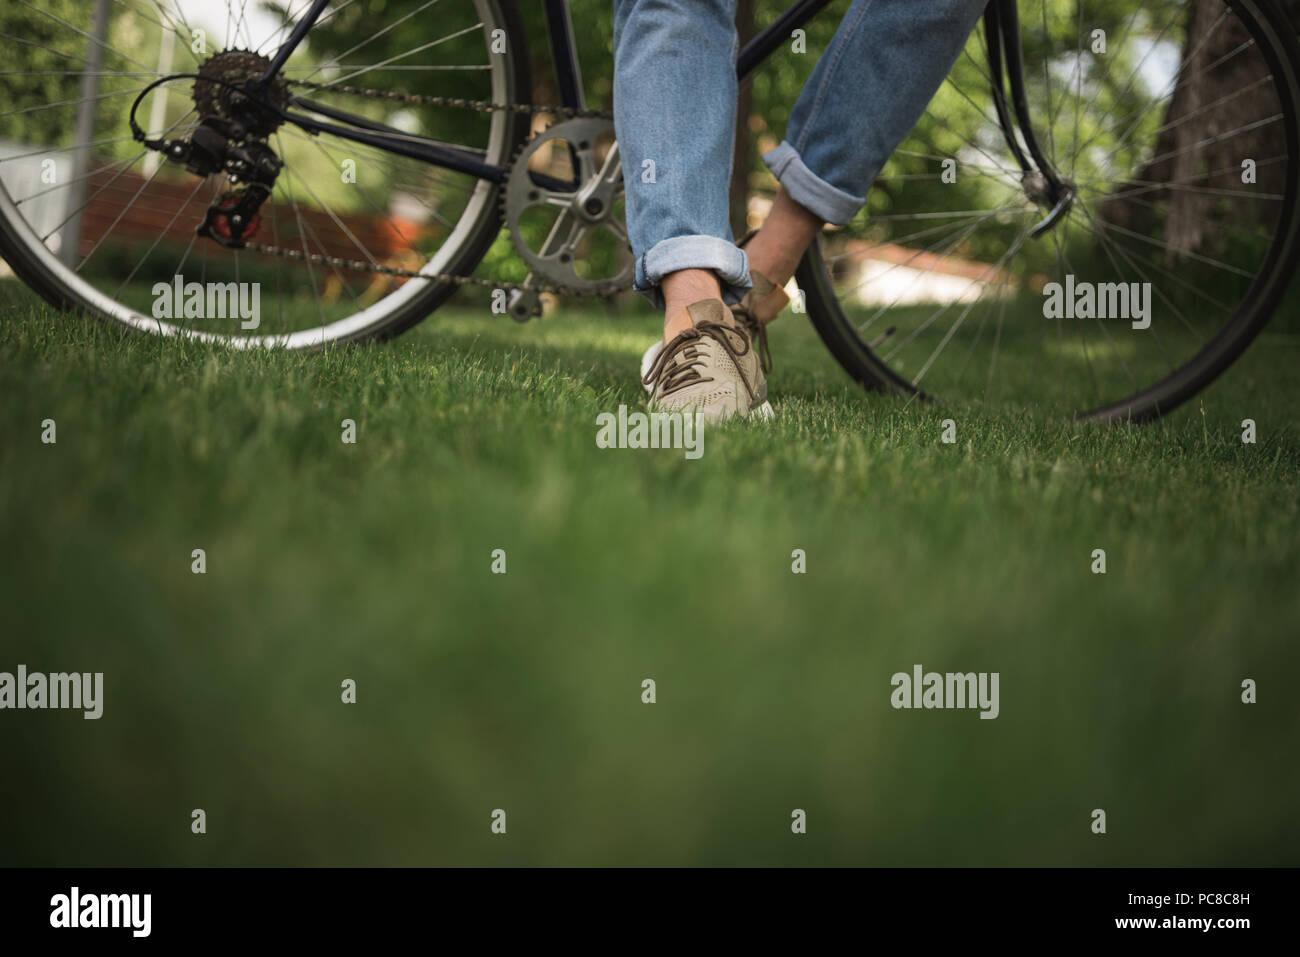 La section inférieure de l'homme en jeans avec permanent location on Green grass Photo Stock